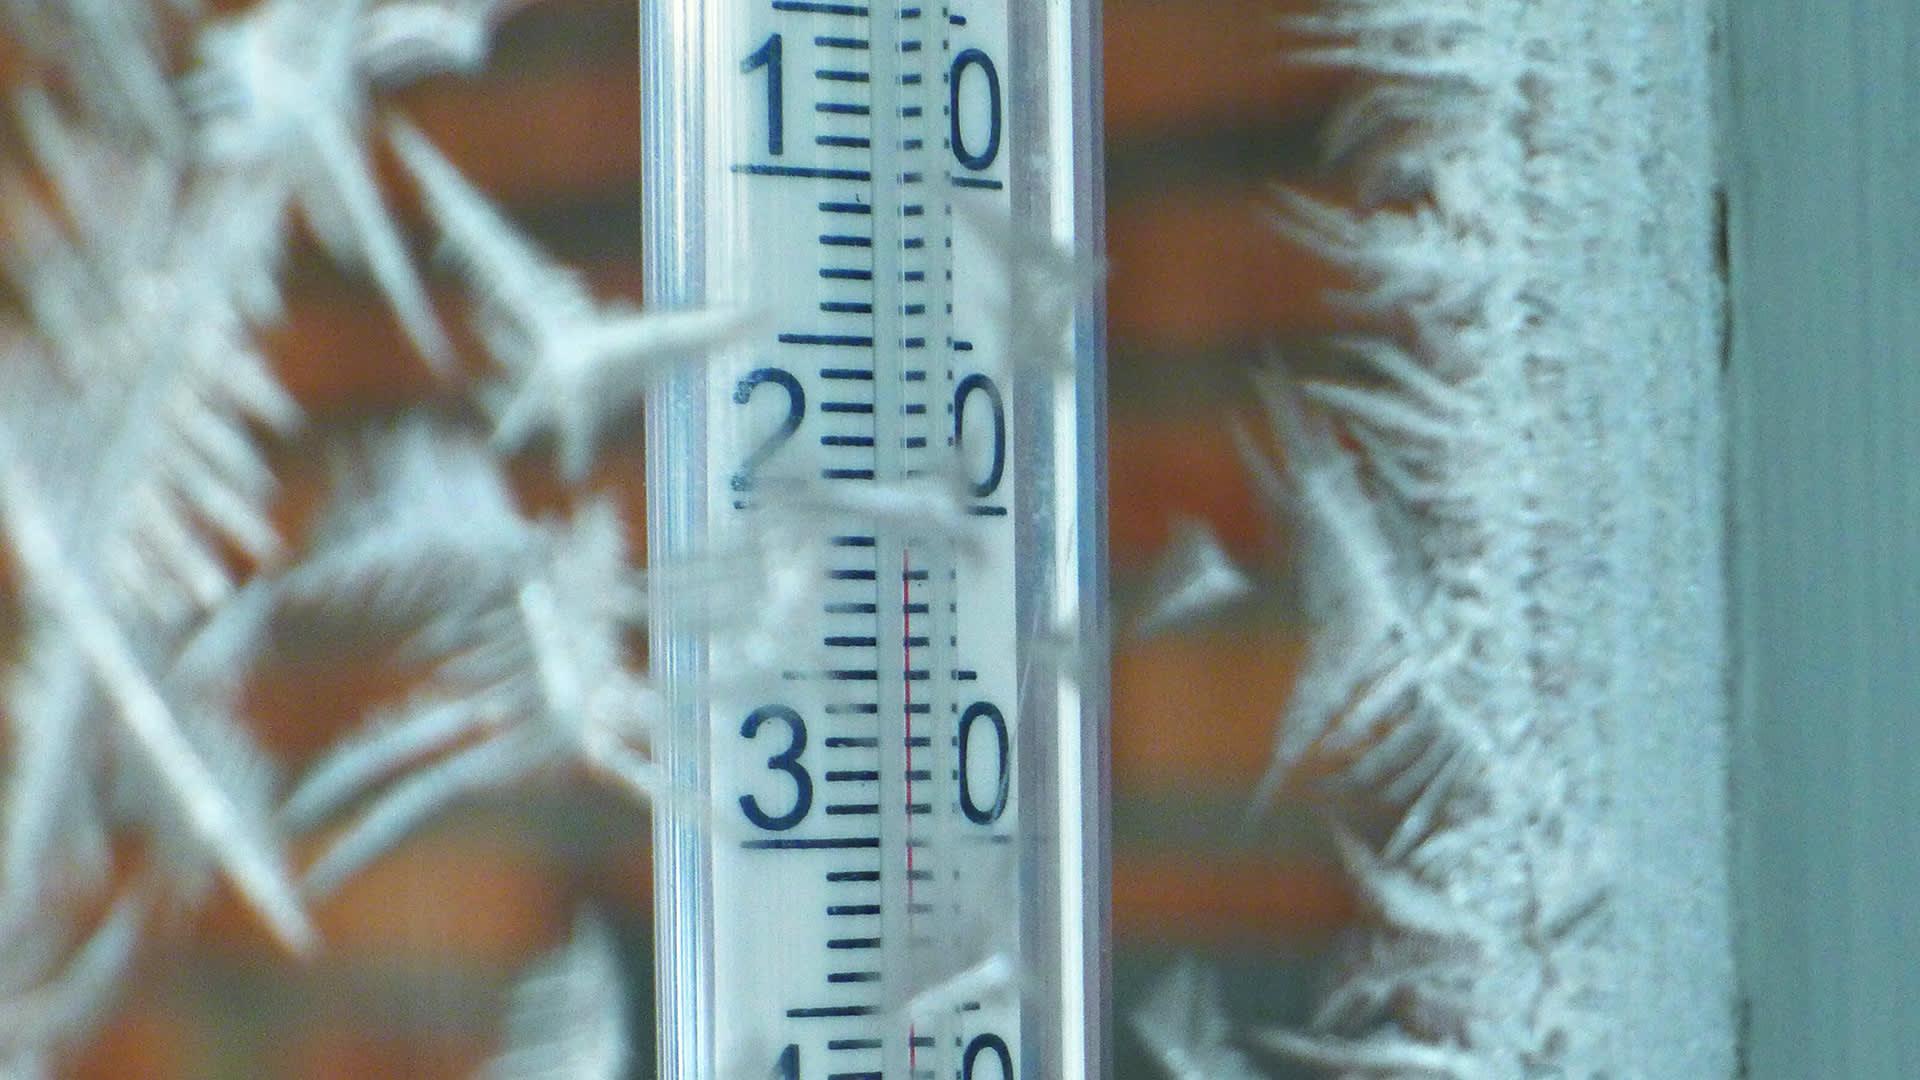 Ulkolämpömittari näyttää - 21 celsiusastetta.